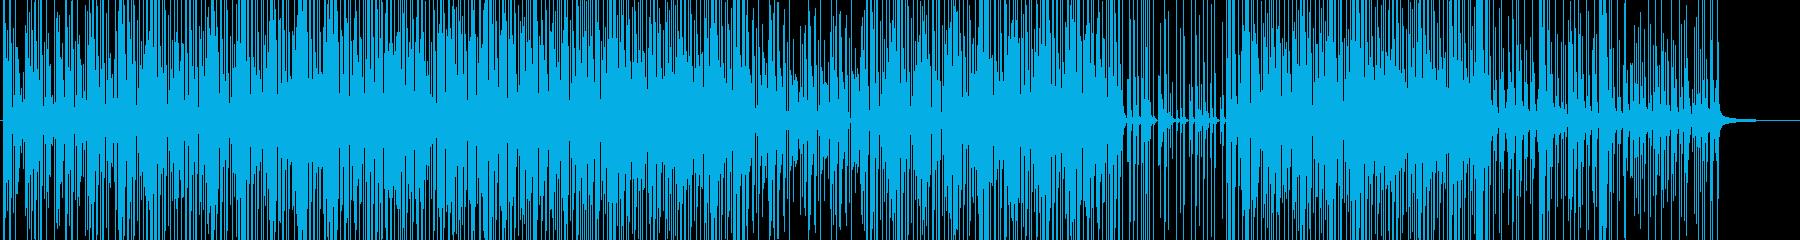 Tito Puenteスタイルのア...の再生済みの波形